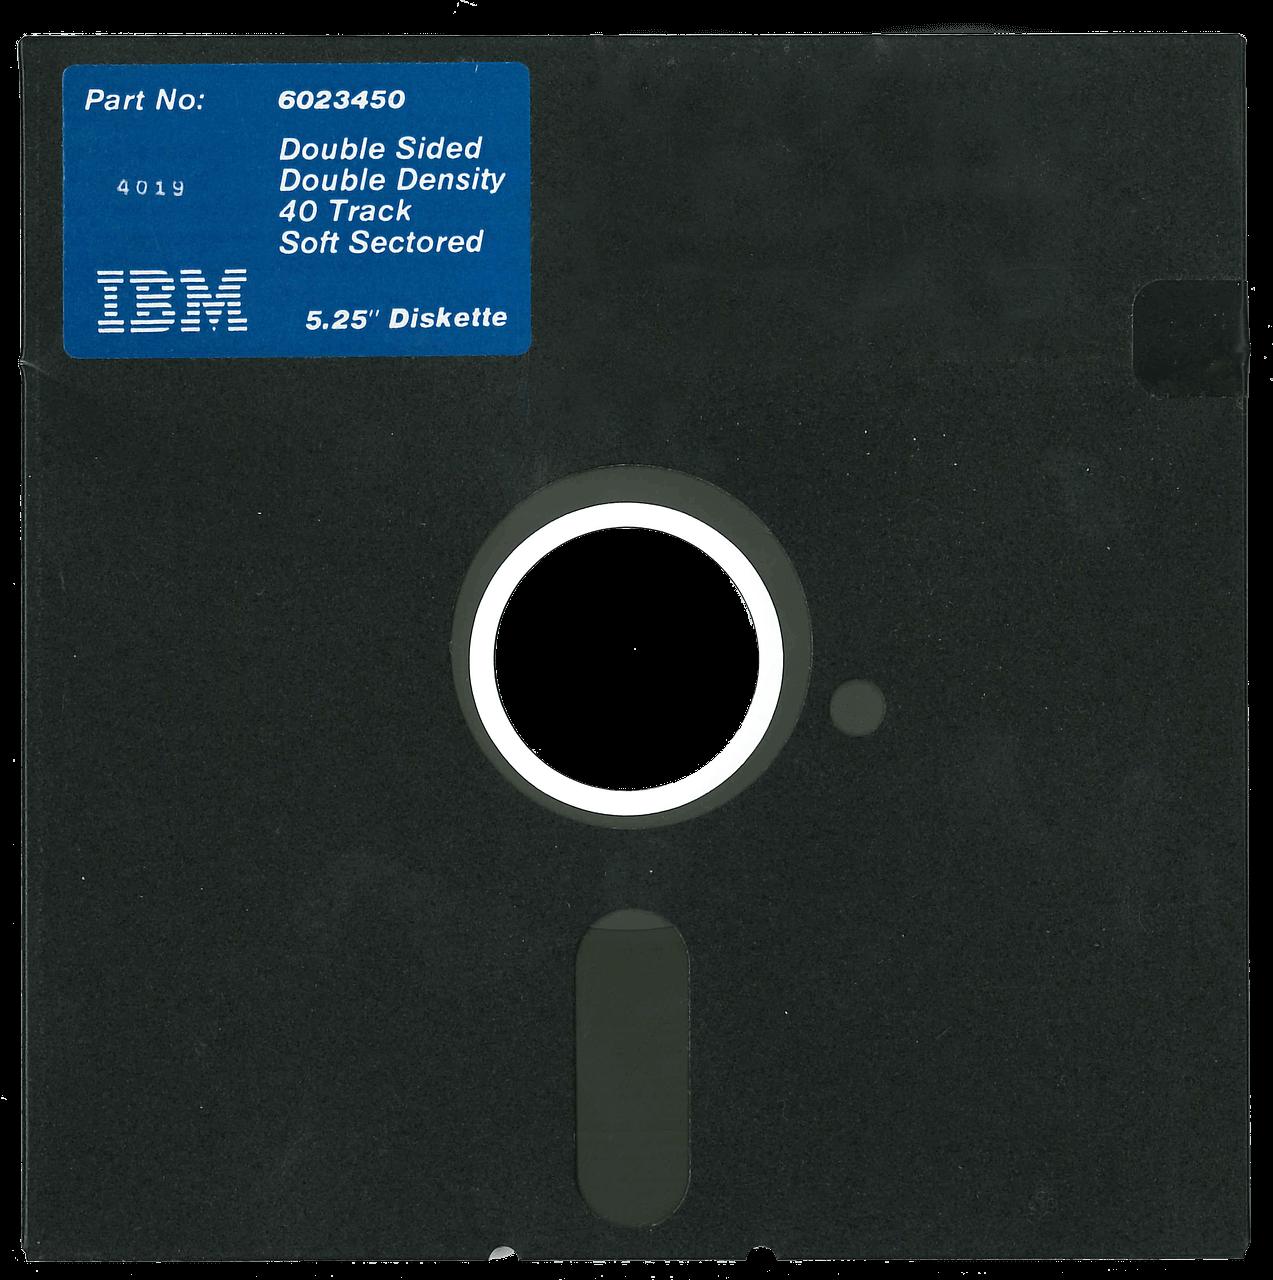 IBM-diskett till dator